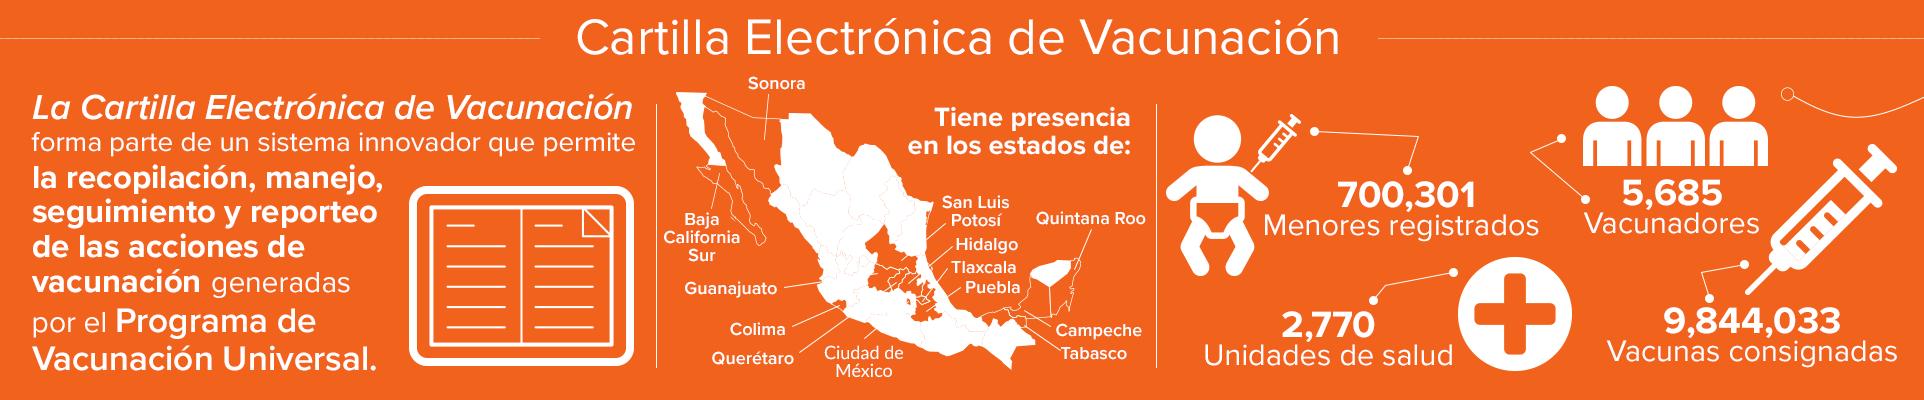 Cartilla Electrónica de Vacunación